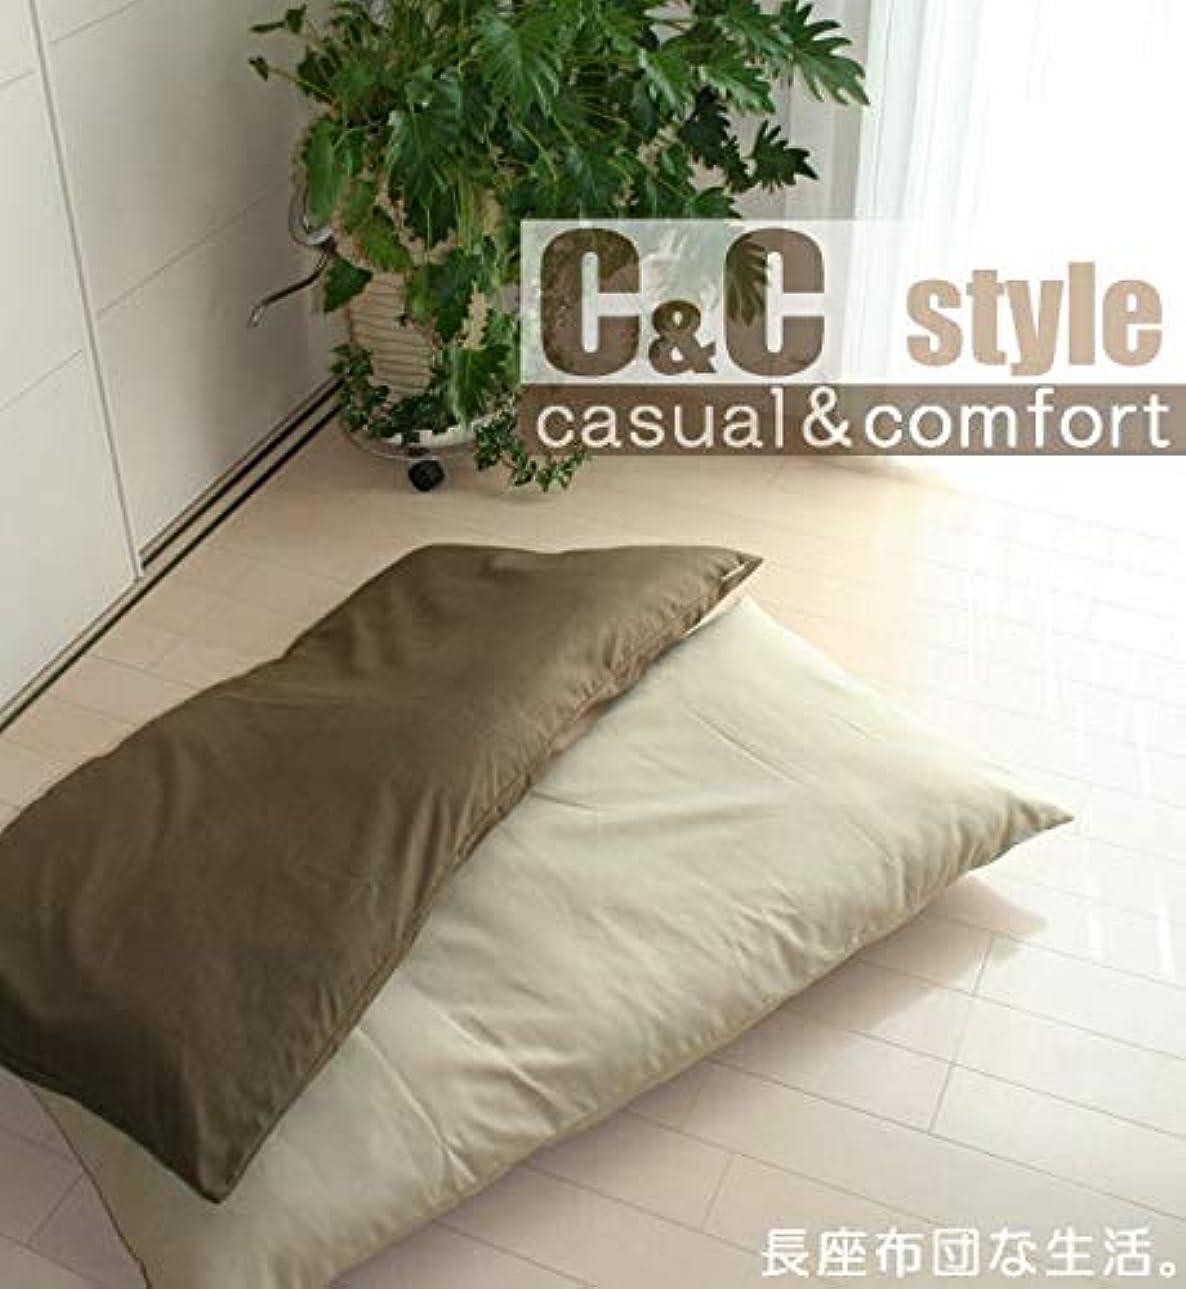 消毒剤哲学的より良いC&C style カバーリング式 長座布団 60x120cm (ごろ寝マット)【色:ブラウン】